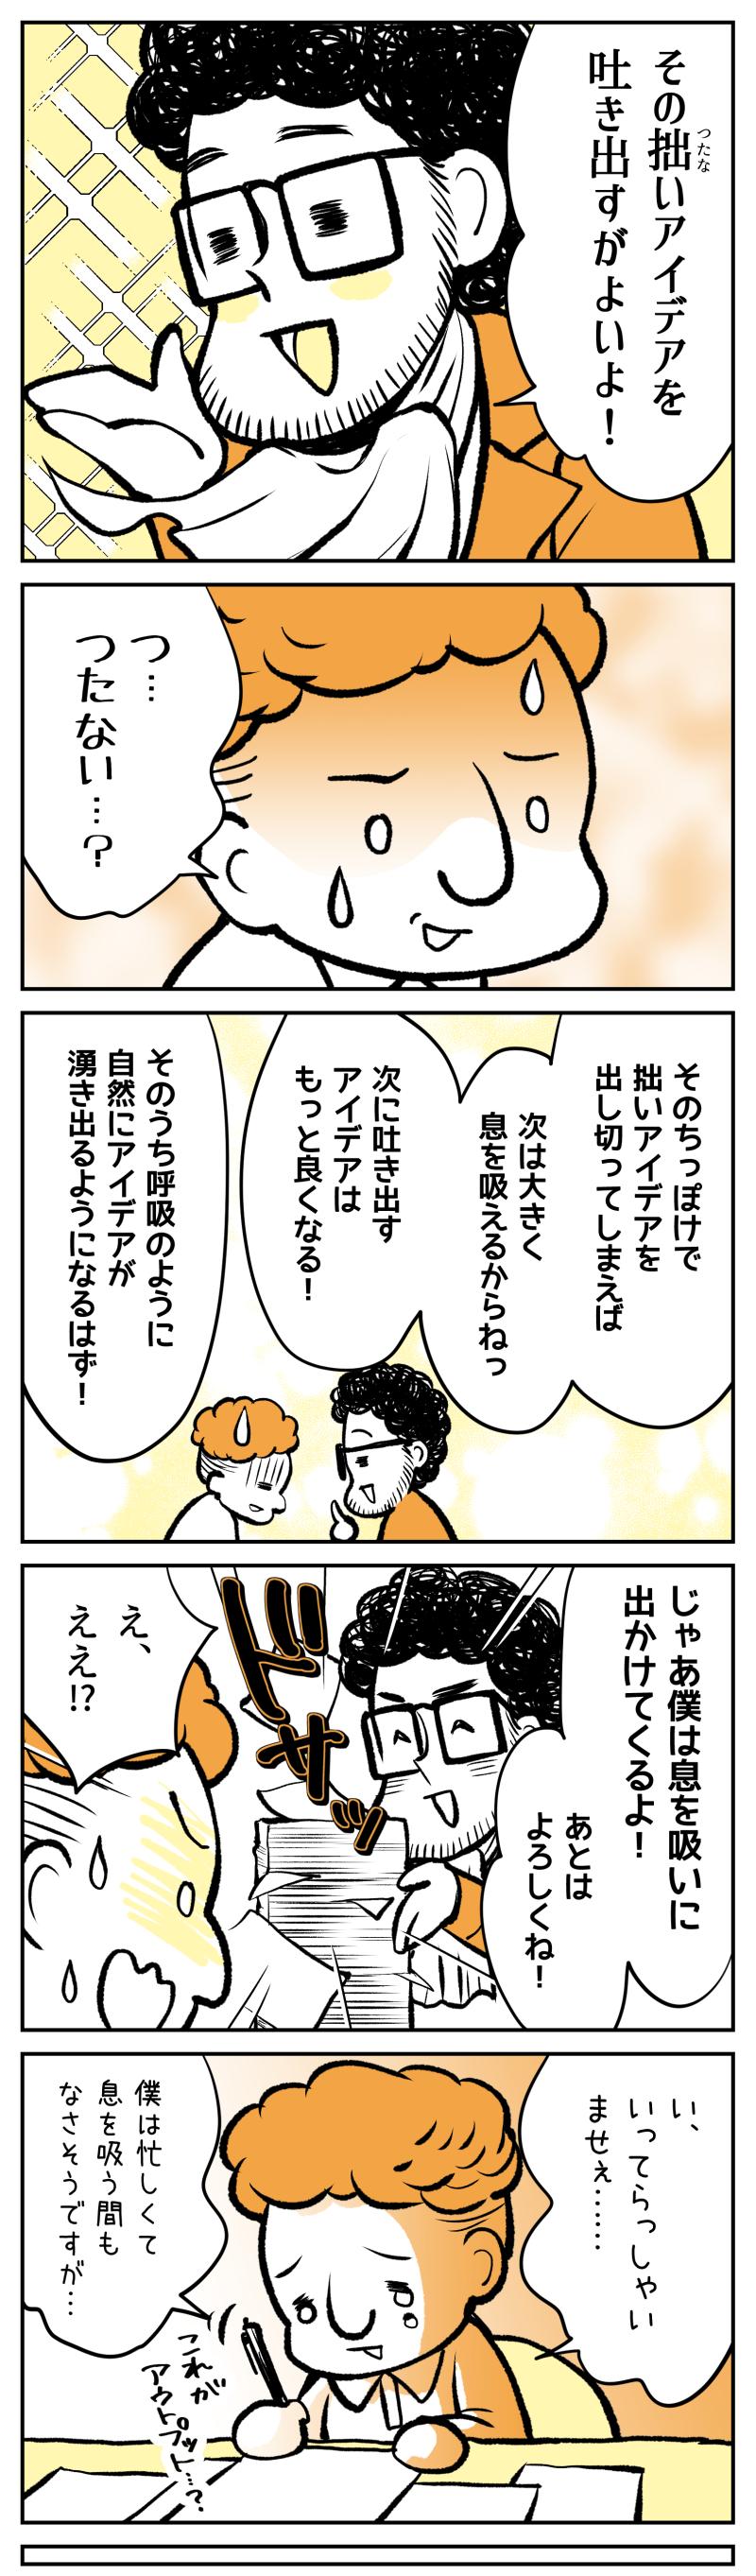 伯爵1話_004.jpg